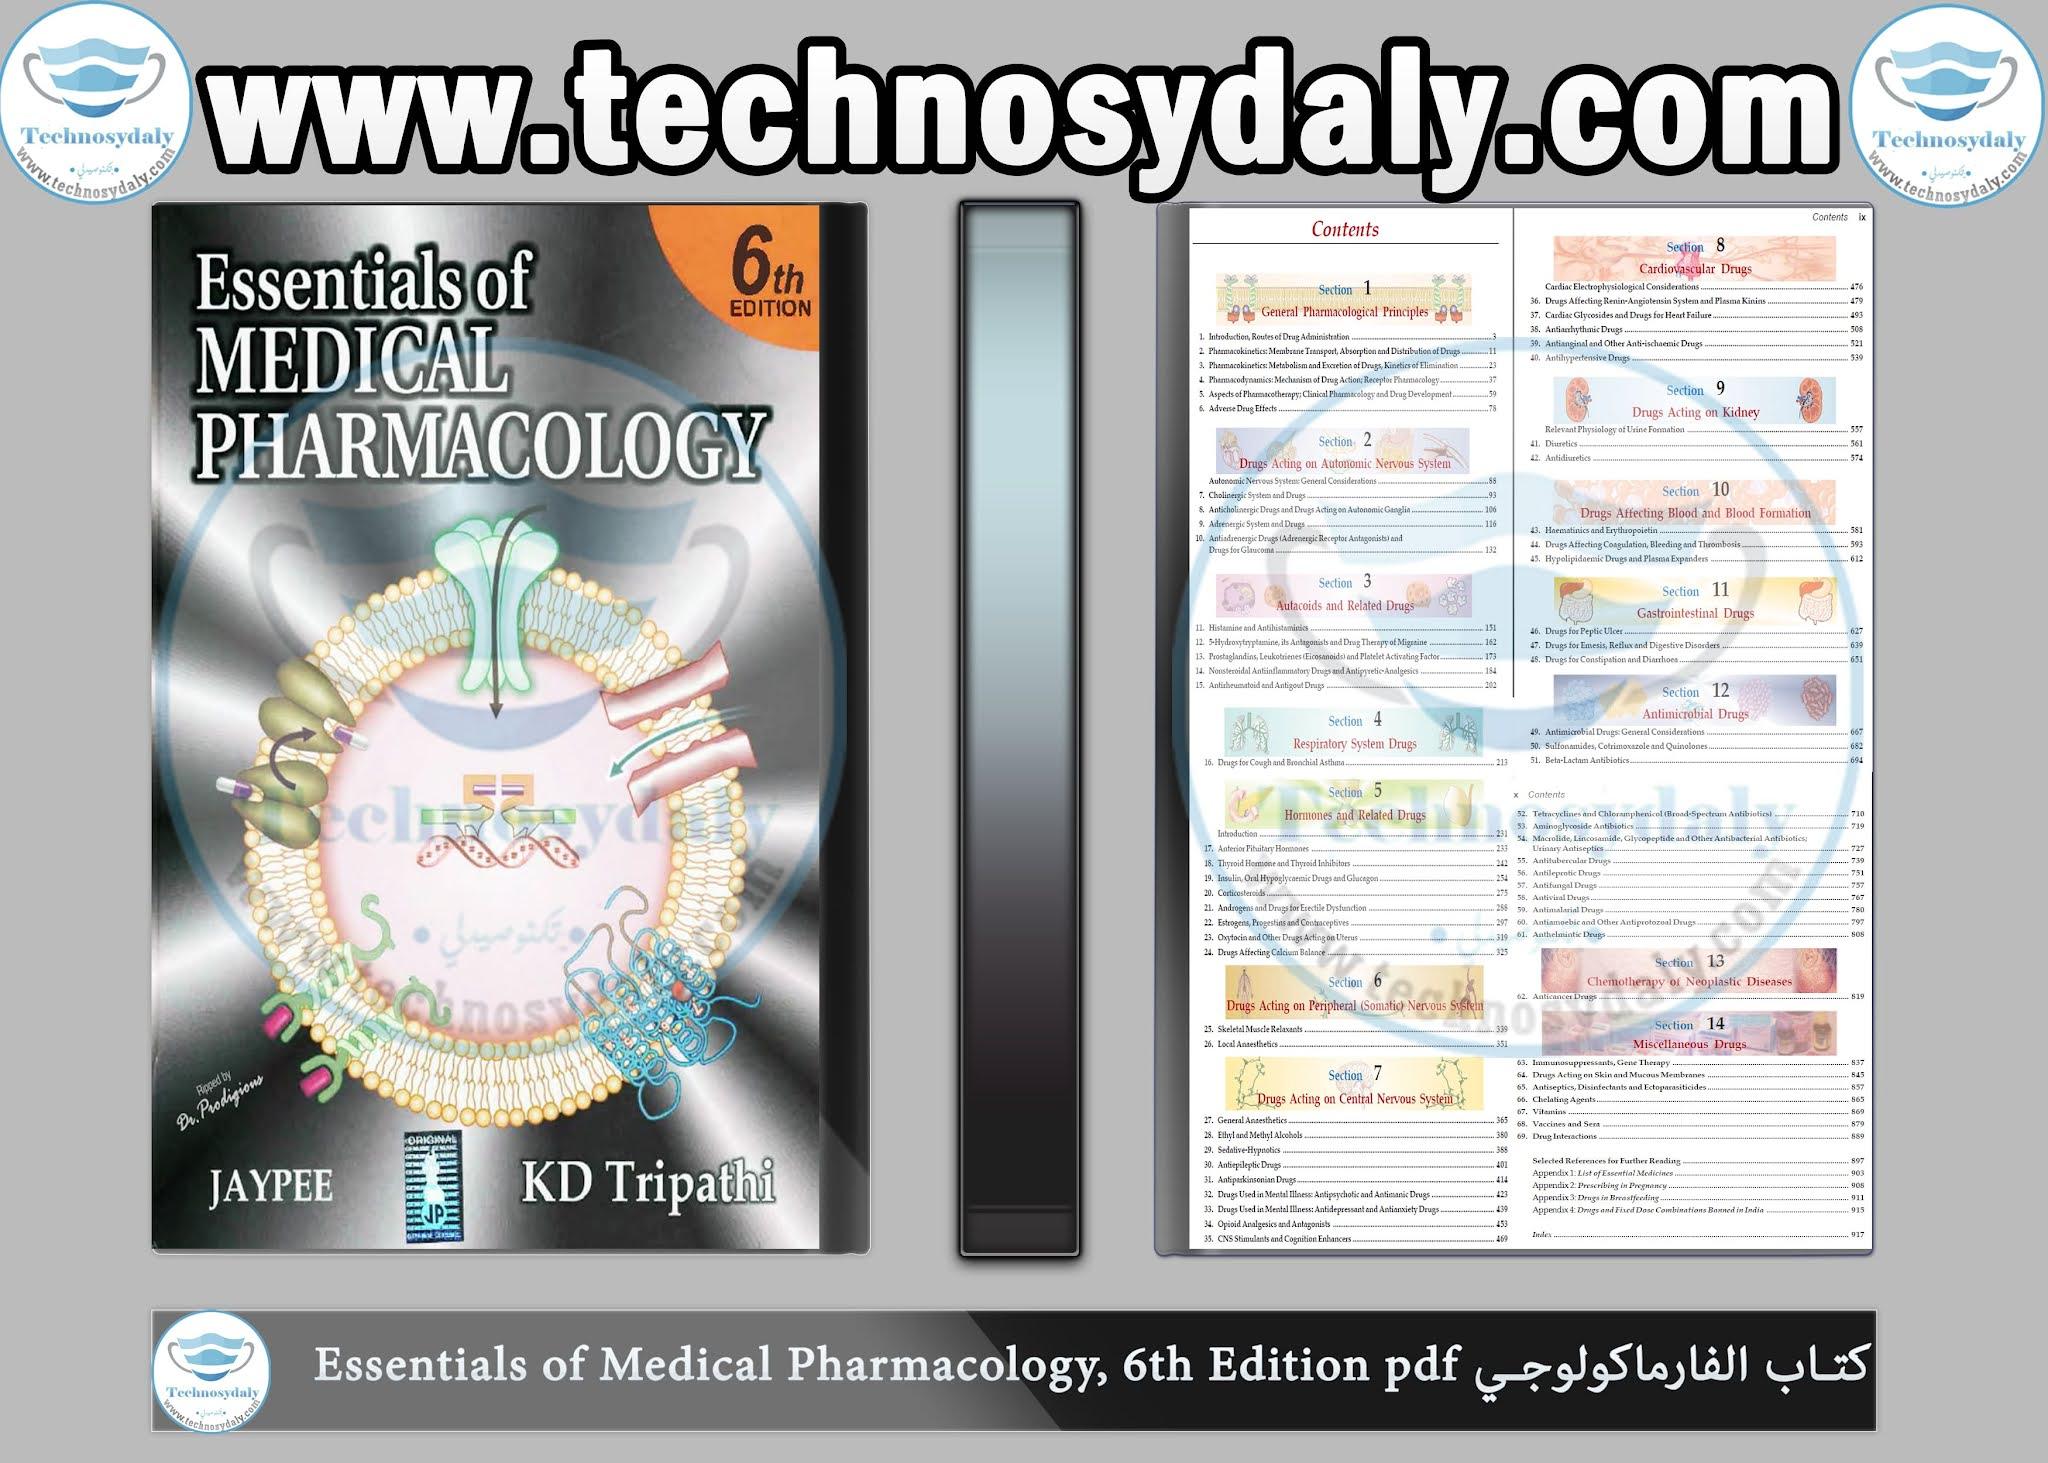 كتاب الفارماكولوجي Essentials of Medical Pharmacology, 6th Edition pdf